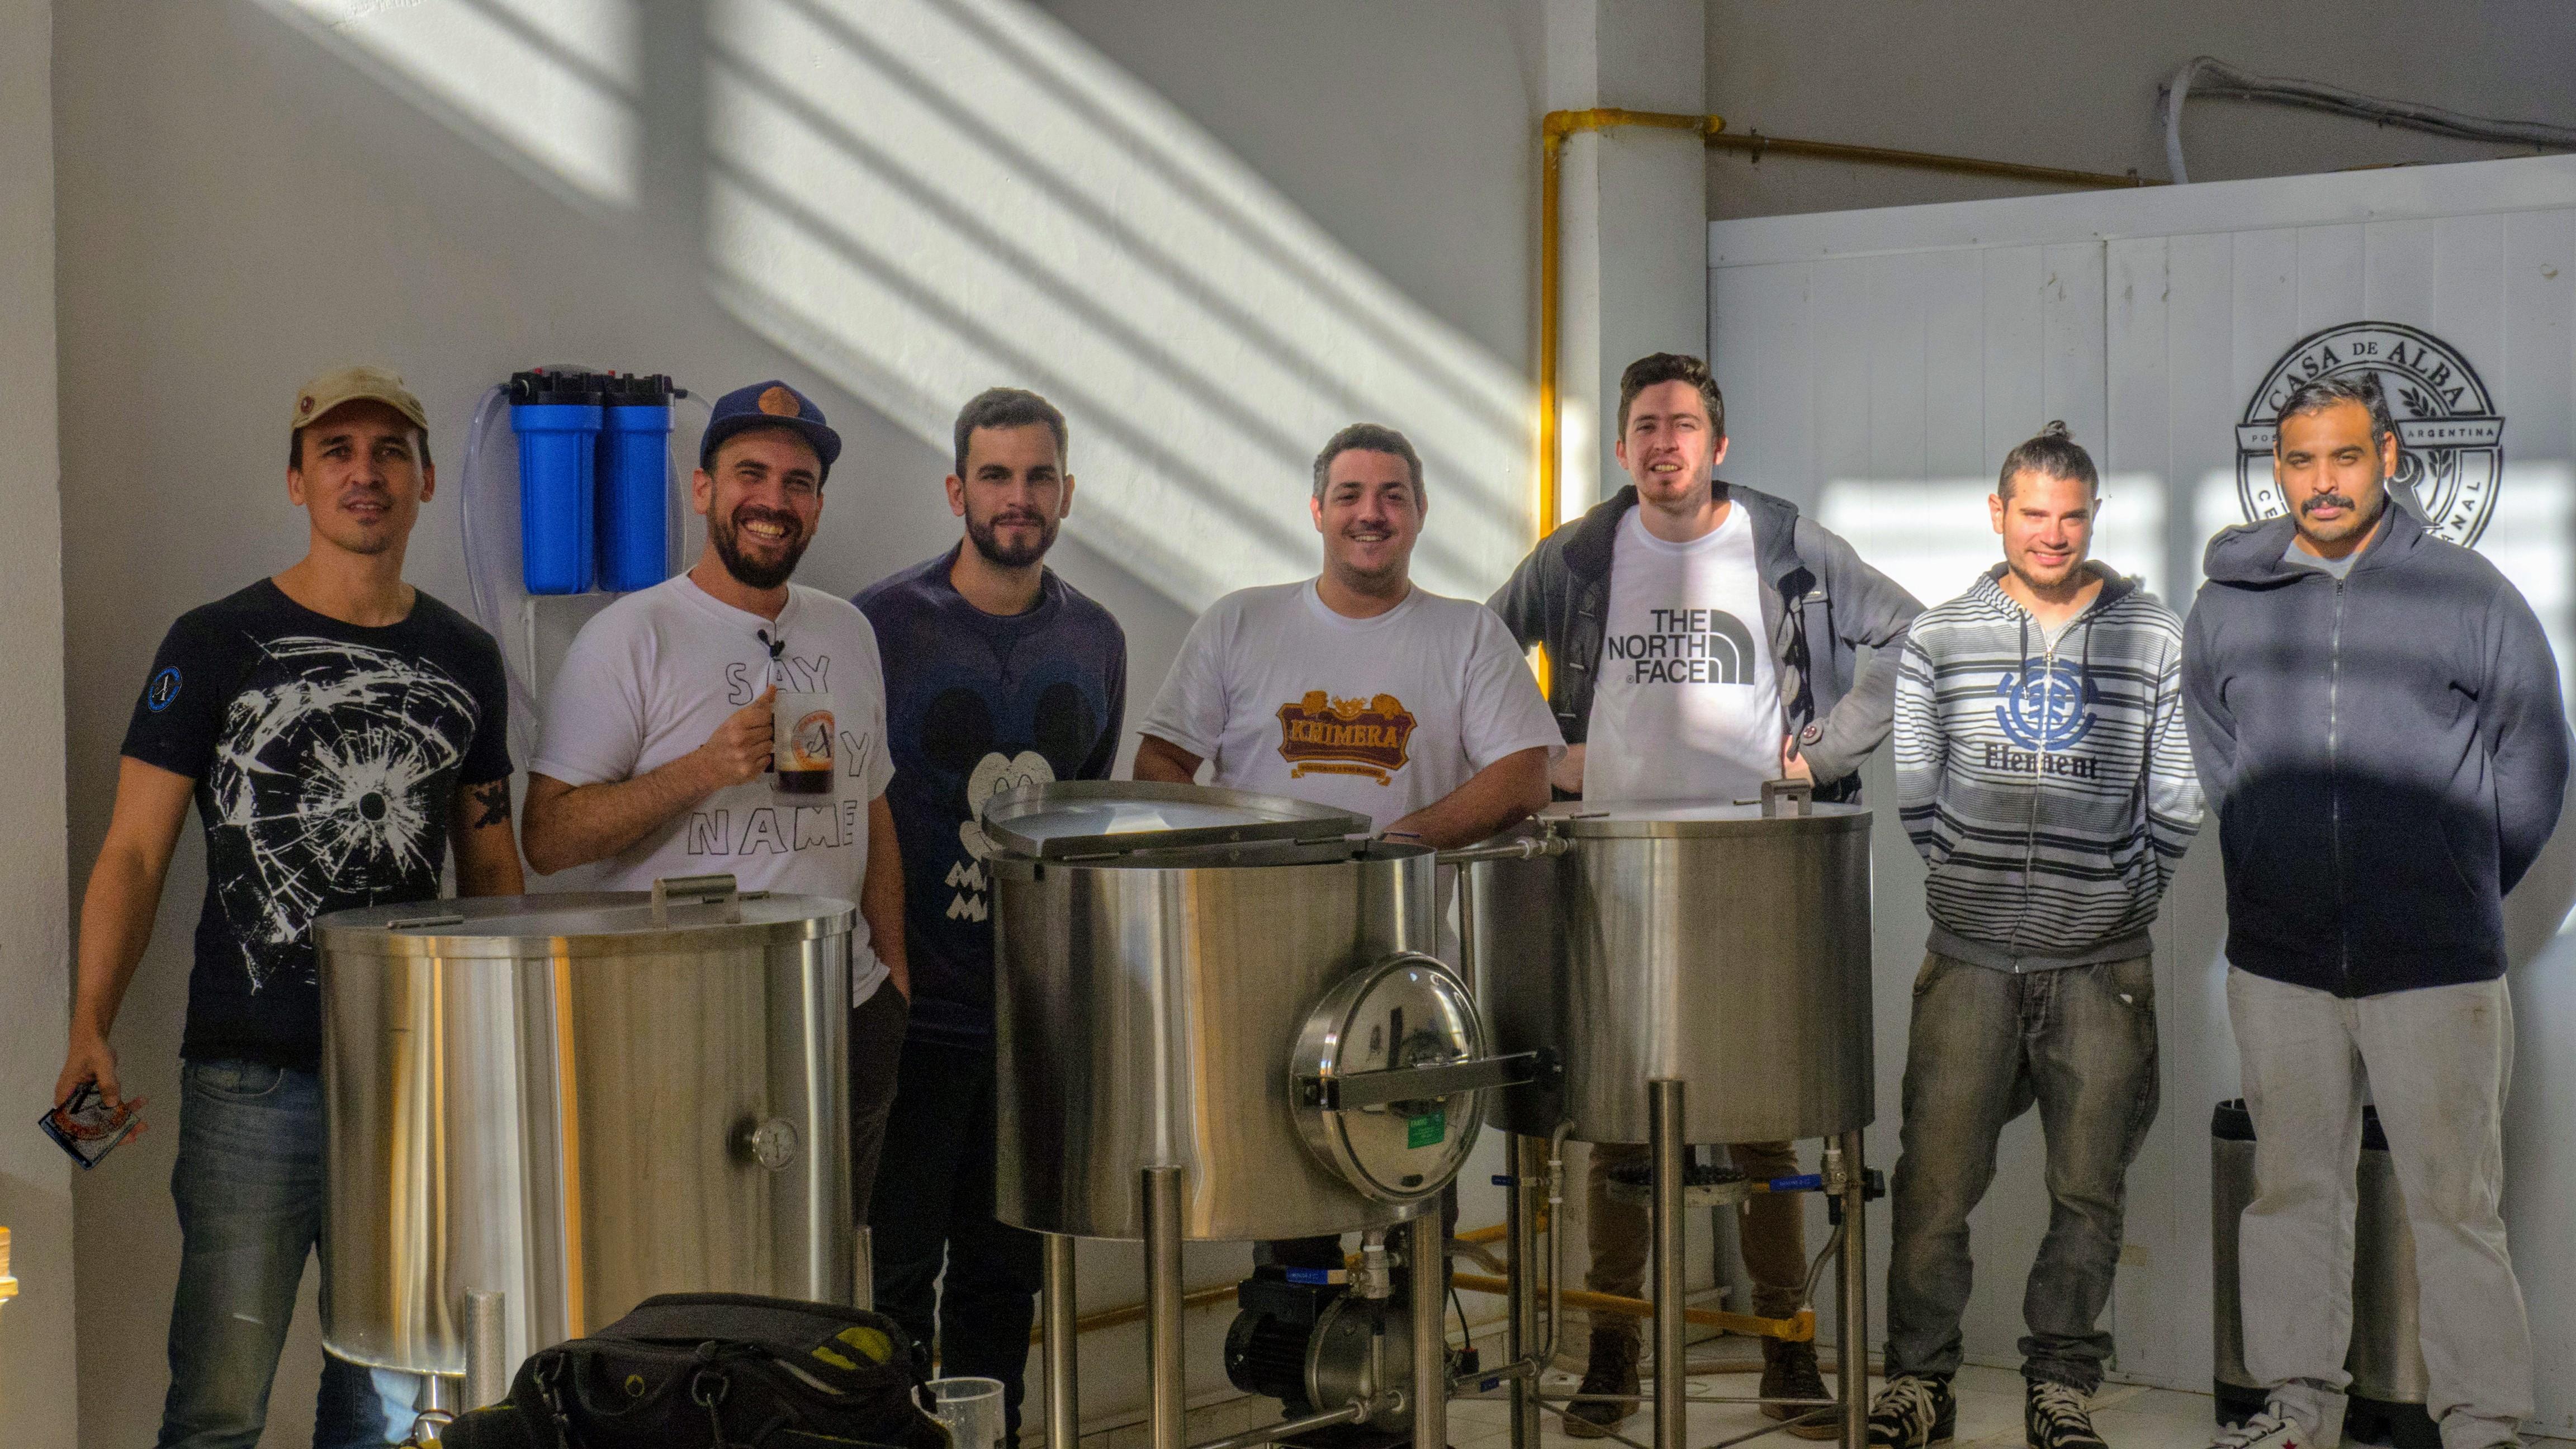 Cerveceros artesanales de Posadas se juntaron para cocinar una Ipa Argenta